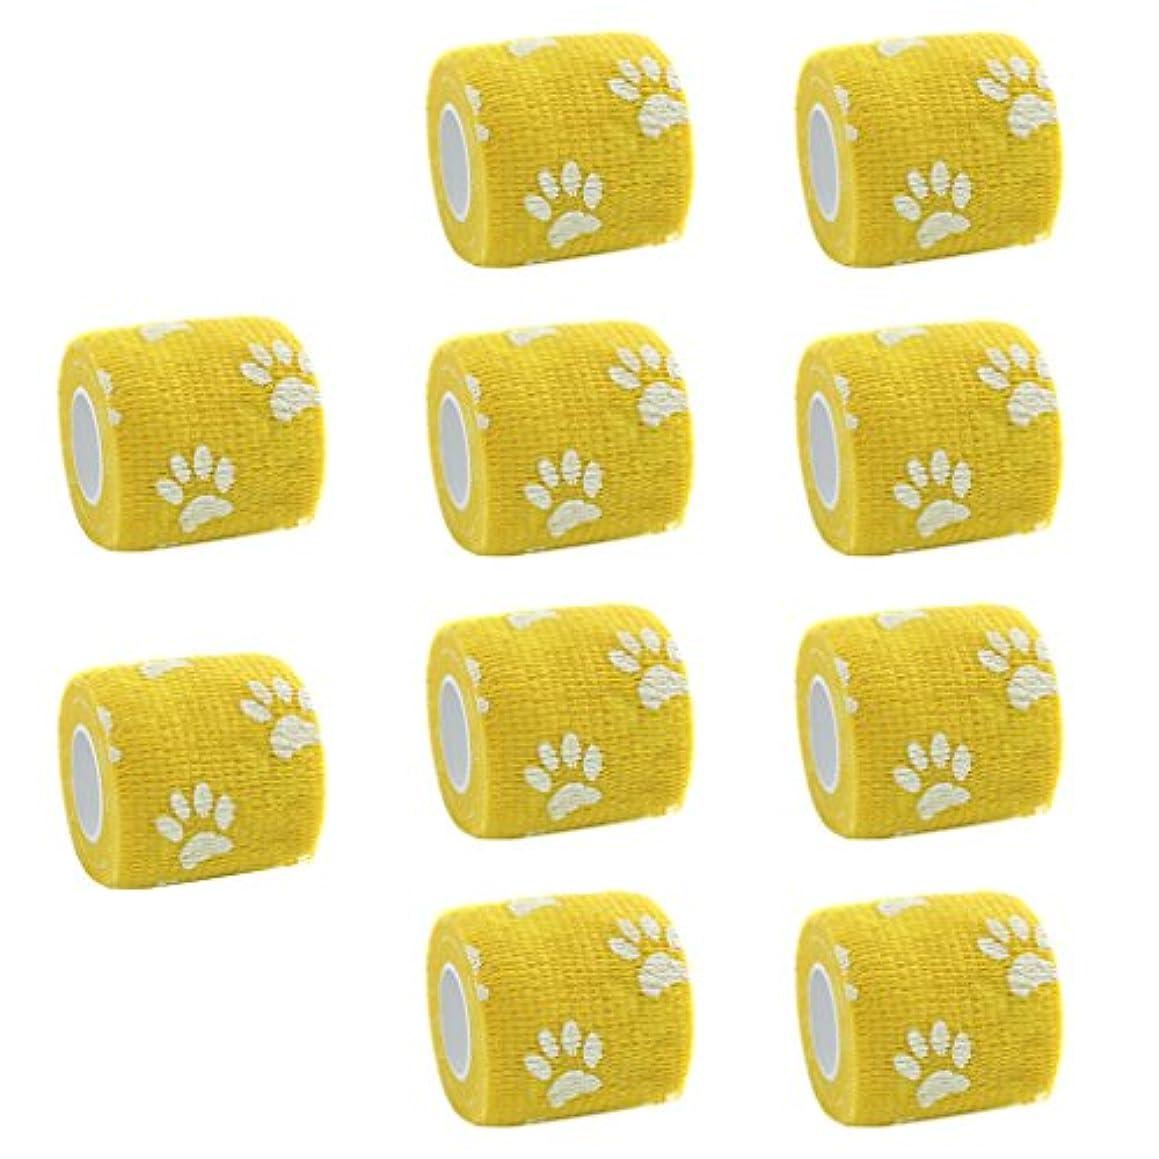 モロニックお手入れチャンスSunniMix 10個セット 不織布 粘着テープ 包帯 ガーゼ 包帯テープ 猫犬 ペット用 柔軟性